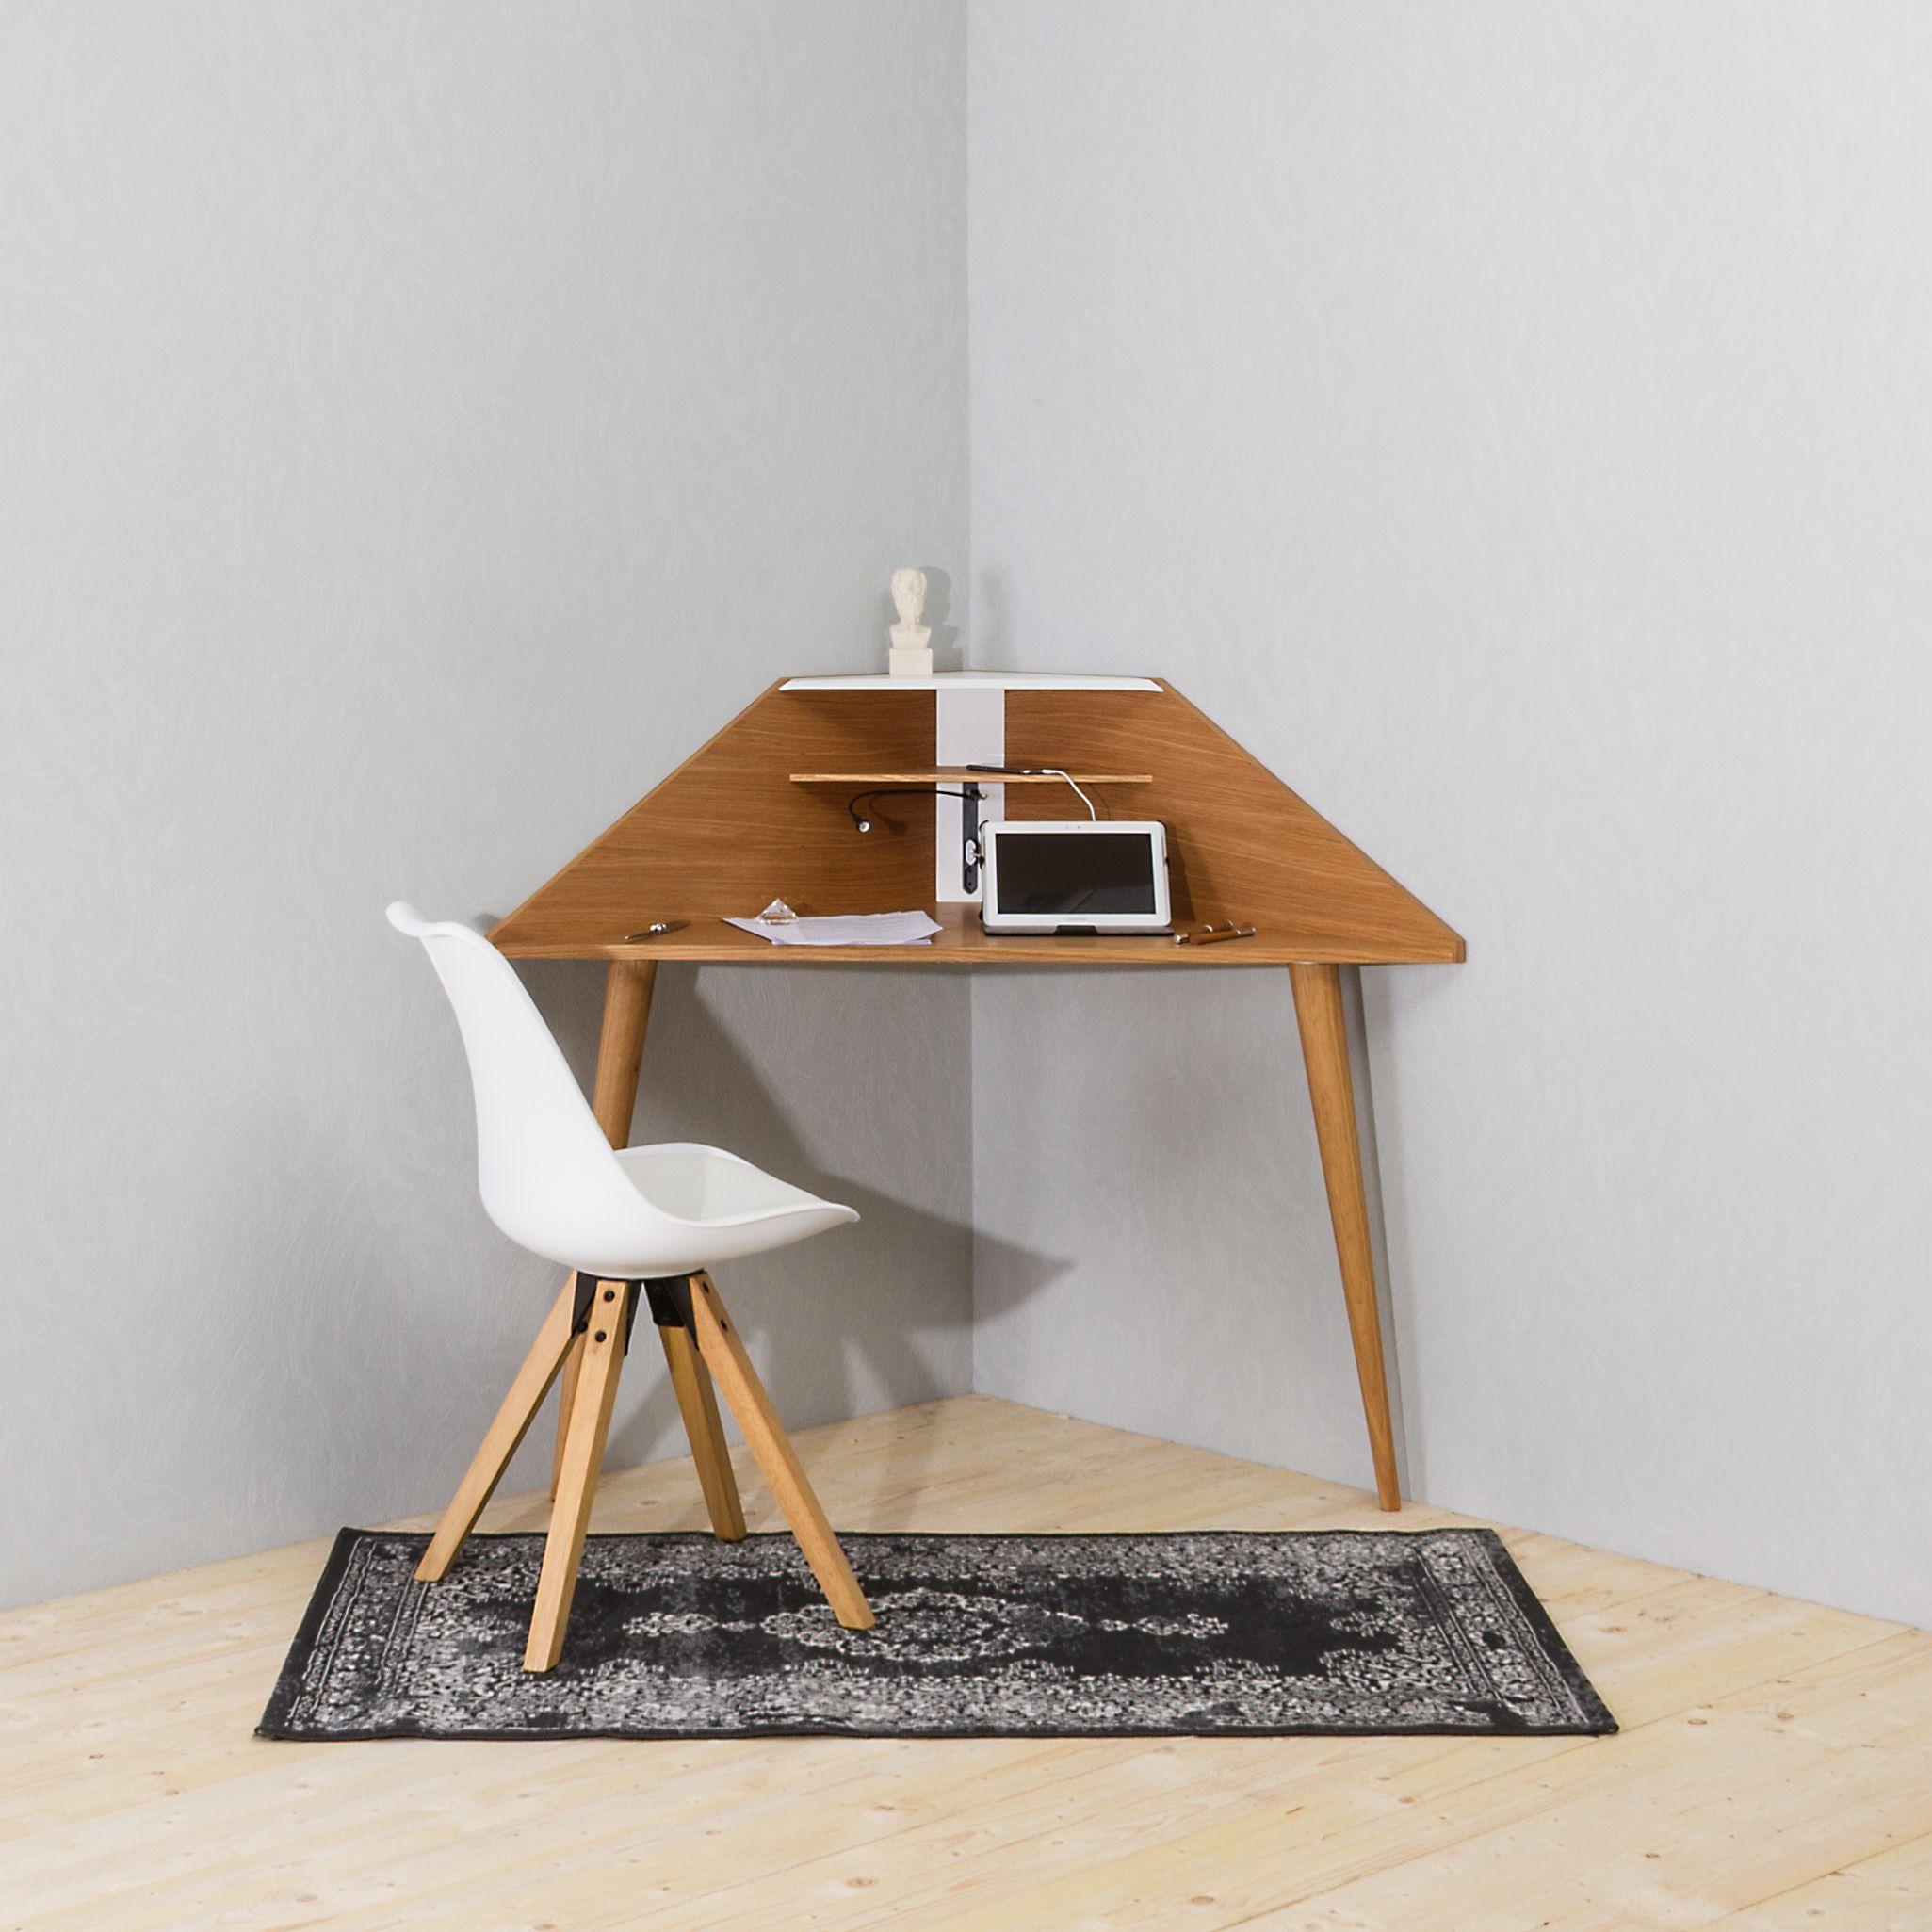 Noook Eckretär   Multifunktionaler Design Eck Schreibtisch Im Look Der  Perfekt Für Kleine Räume✓ In Weiß Oder In Eiche✓ Eck Sekretär✓ Eck Tisch✓